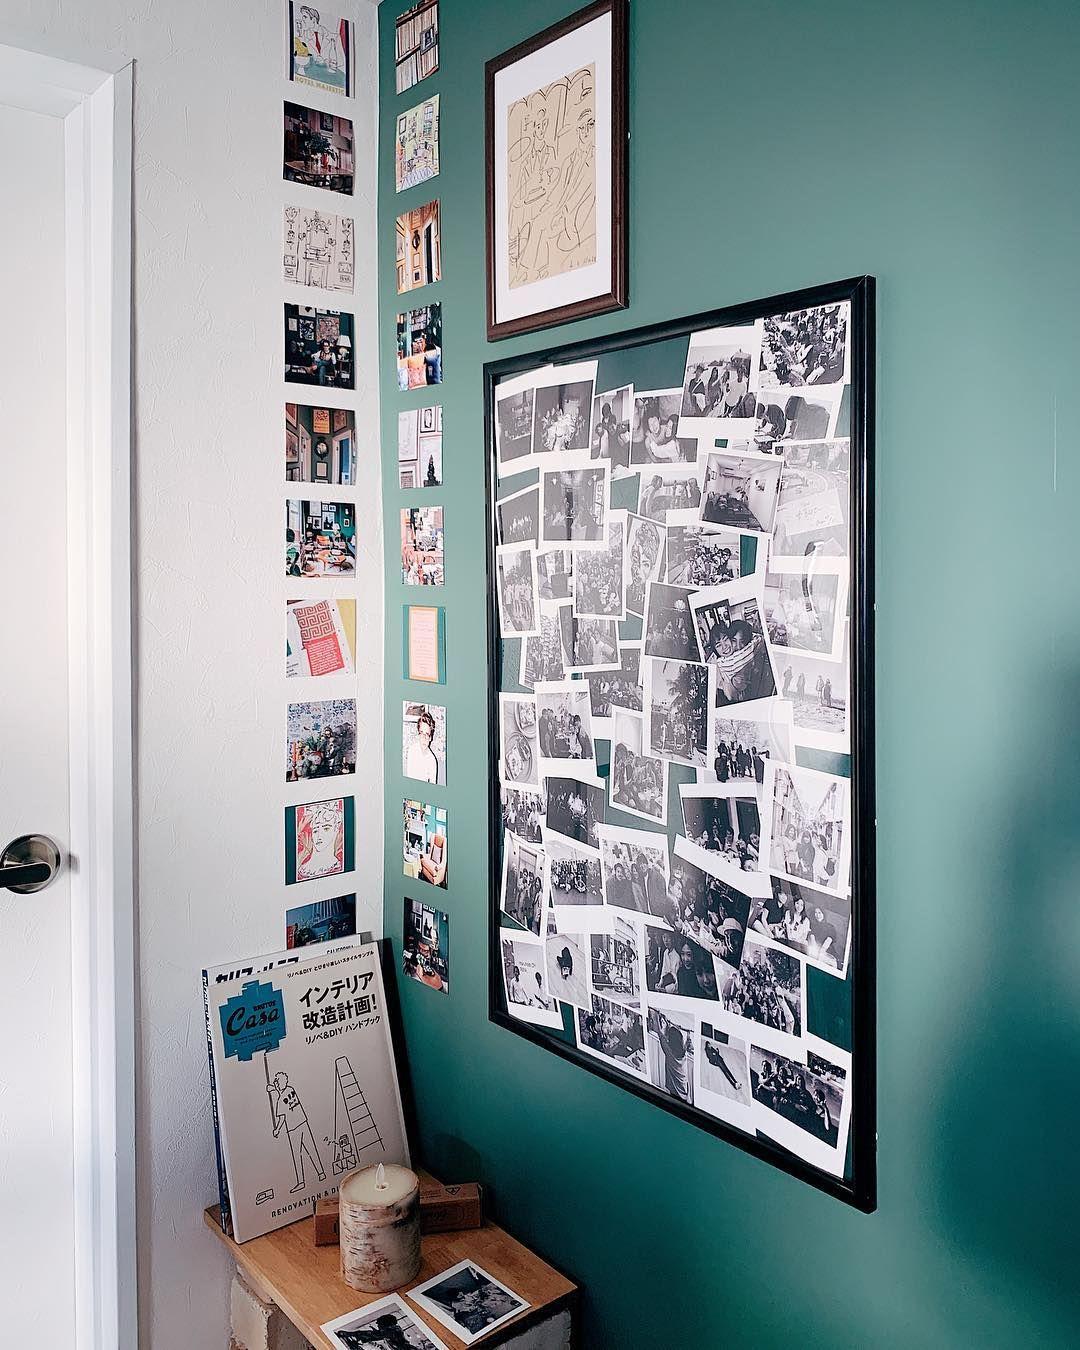 アート 写真 絵の飾り方のコツ 壁をおしゃれに飾る インテリアtips 絵画 インテリア インテリア雑貨 おしゃれ リビング 絵